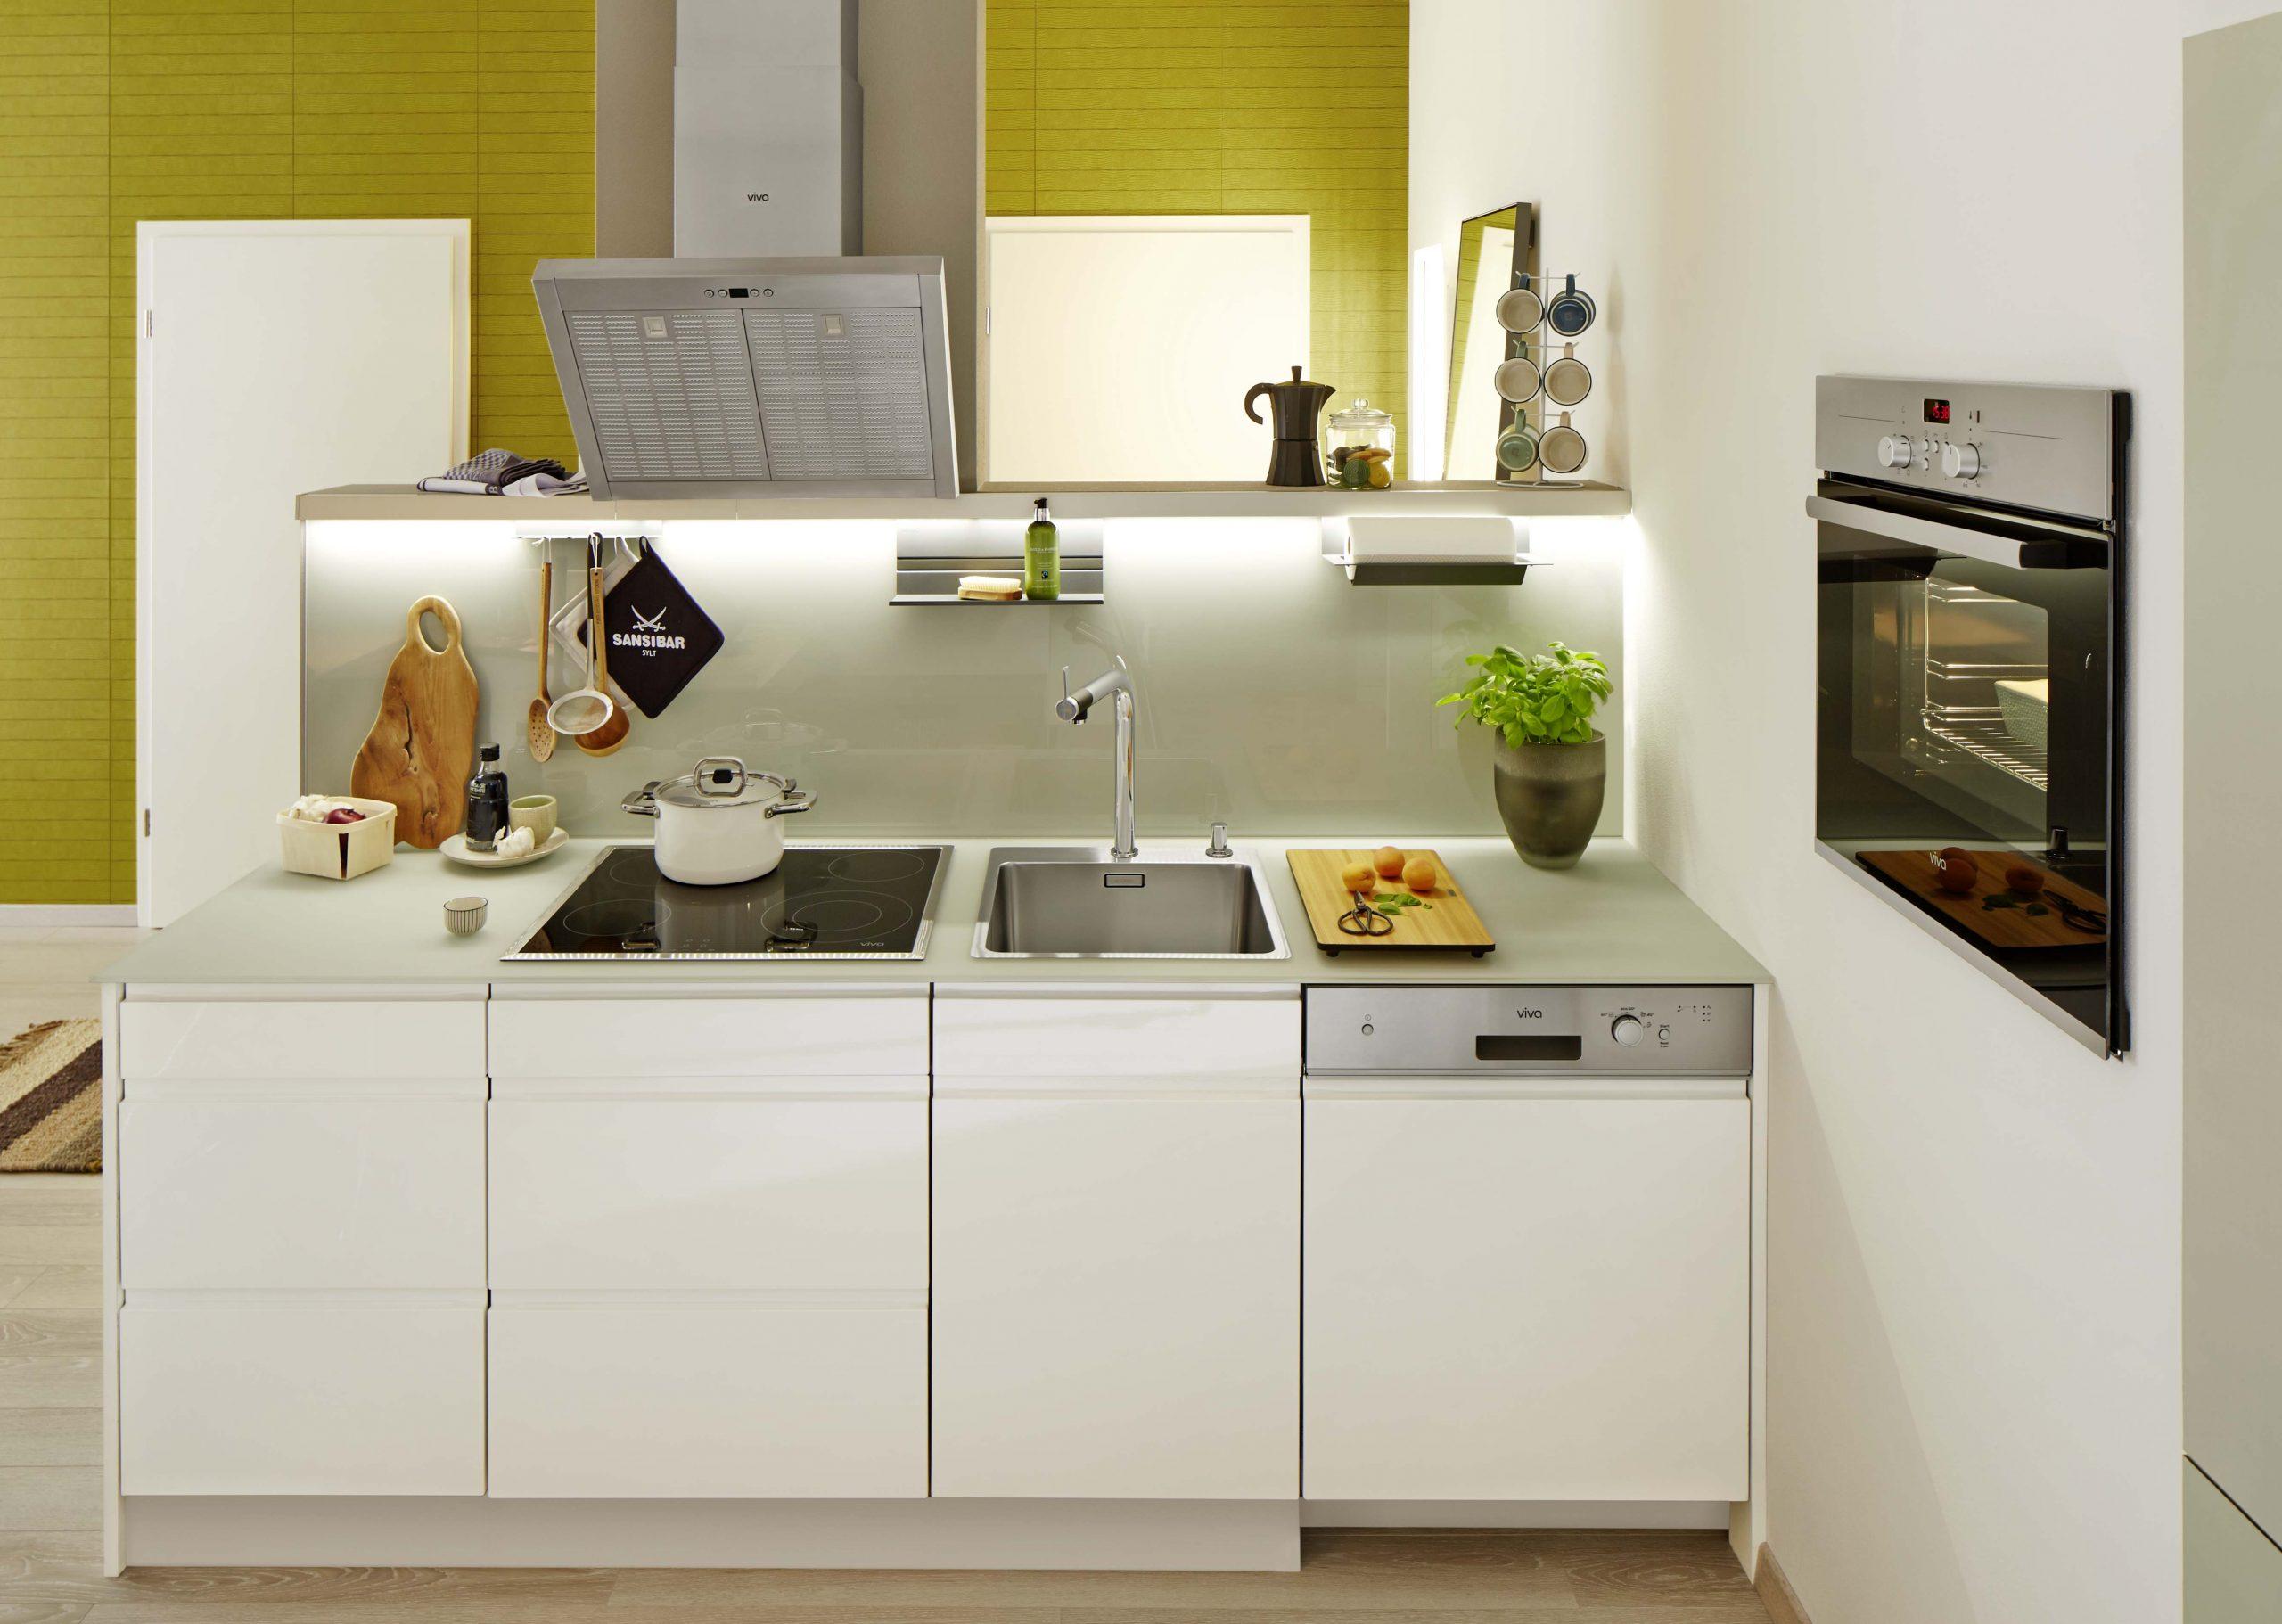 Full Size of Küchenschrank Ikea Betten 160x200 Küche Kosten Miniküche Bei Sofa Mit Schlaffunktion Kaufen Modulküche Wohnzimmer Küchenschrank Ikea